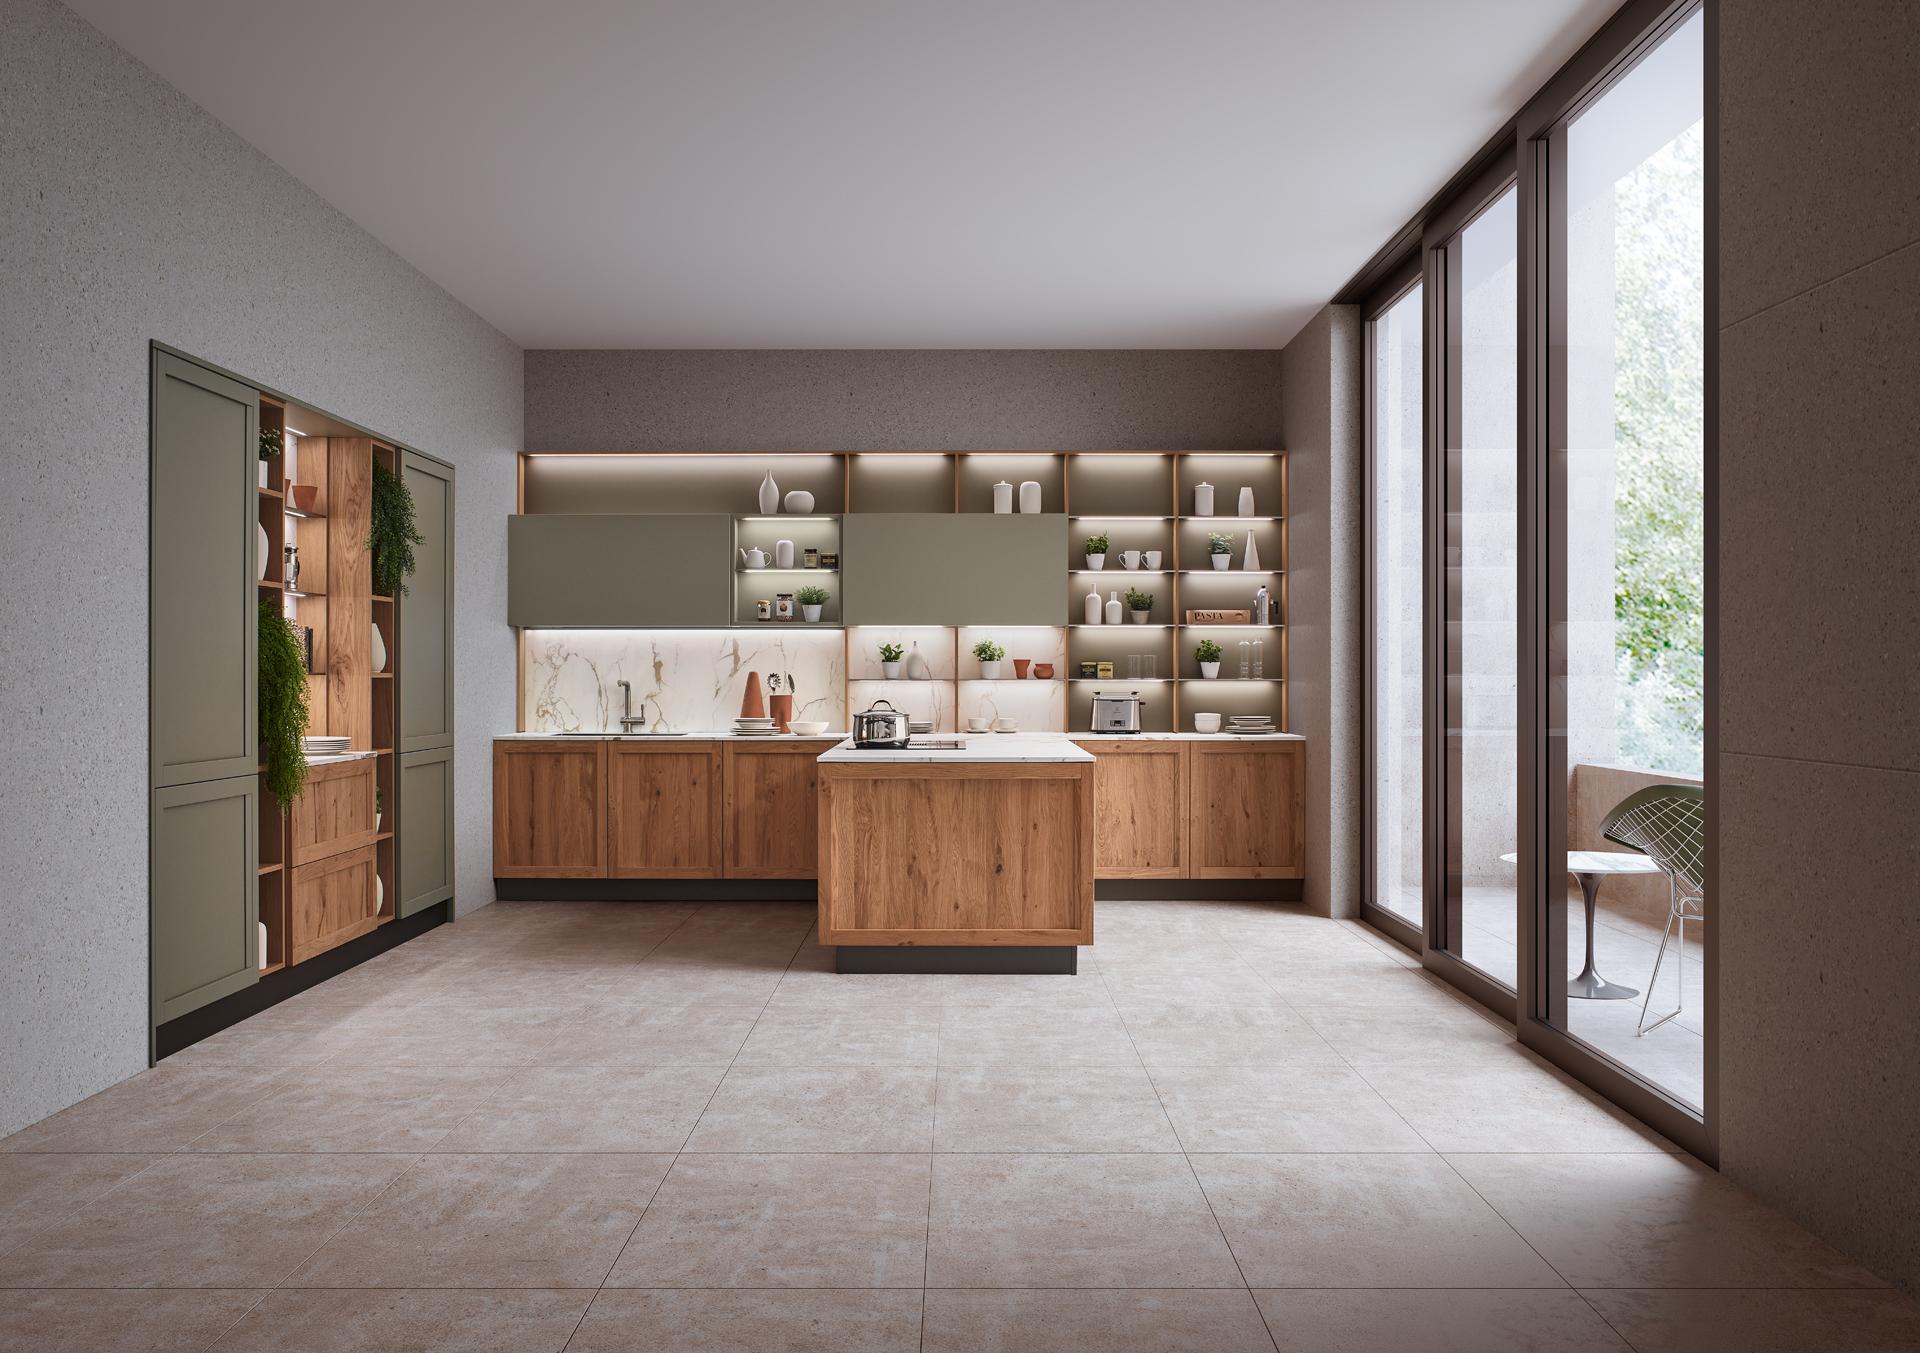 Modello Milano — Versione: Rovere Nodoso Chiaro / Laccato opaco Verde Lanza — Composizione: Penisola